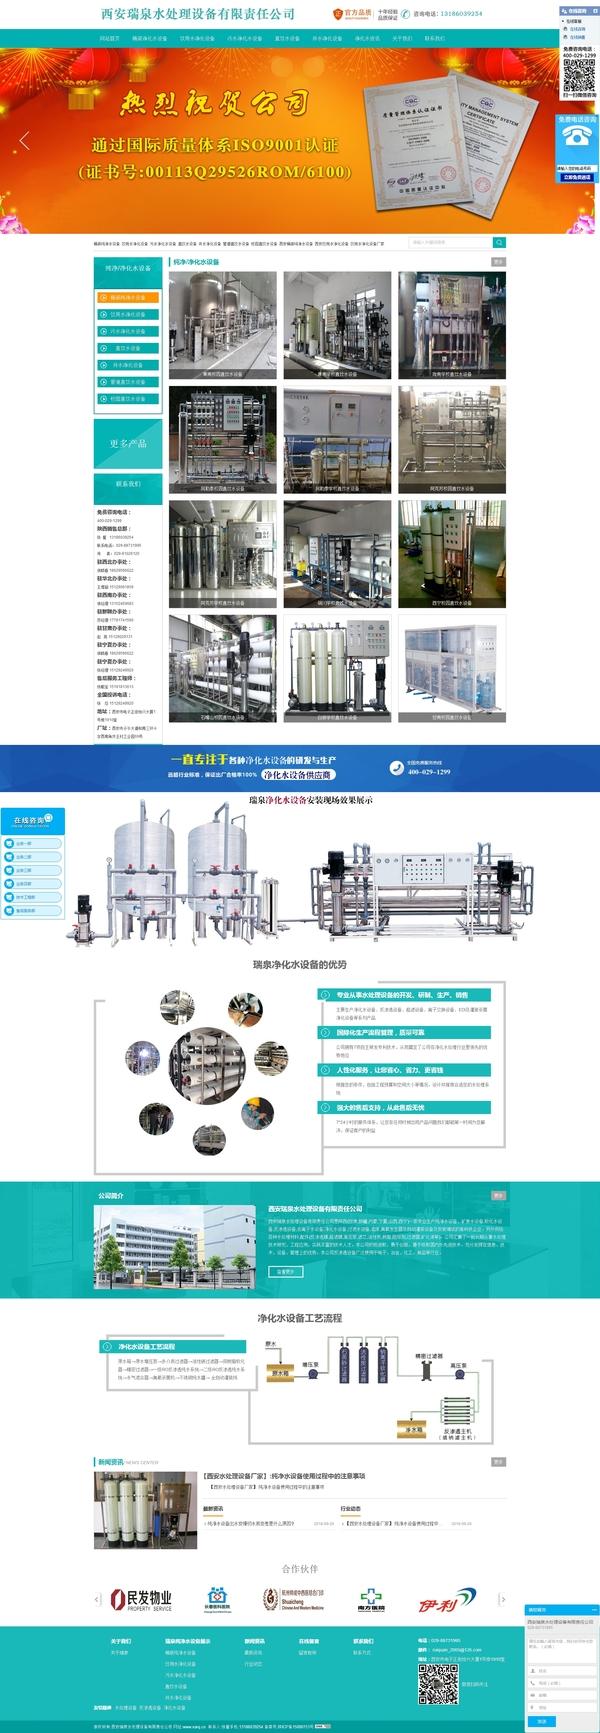 恭喜西安瑞泉净化水设备网站第三分站成功上线